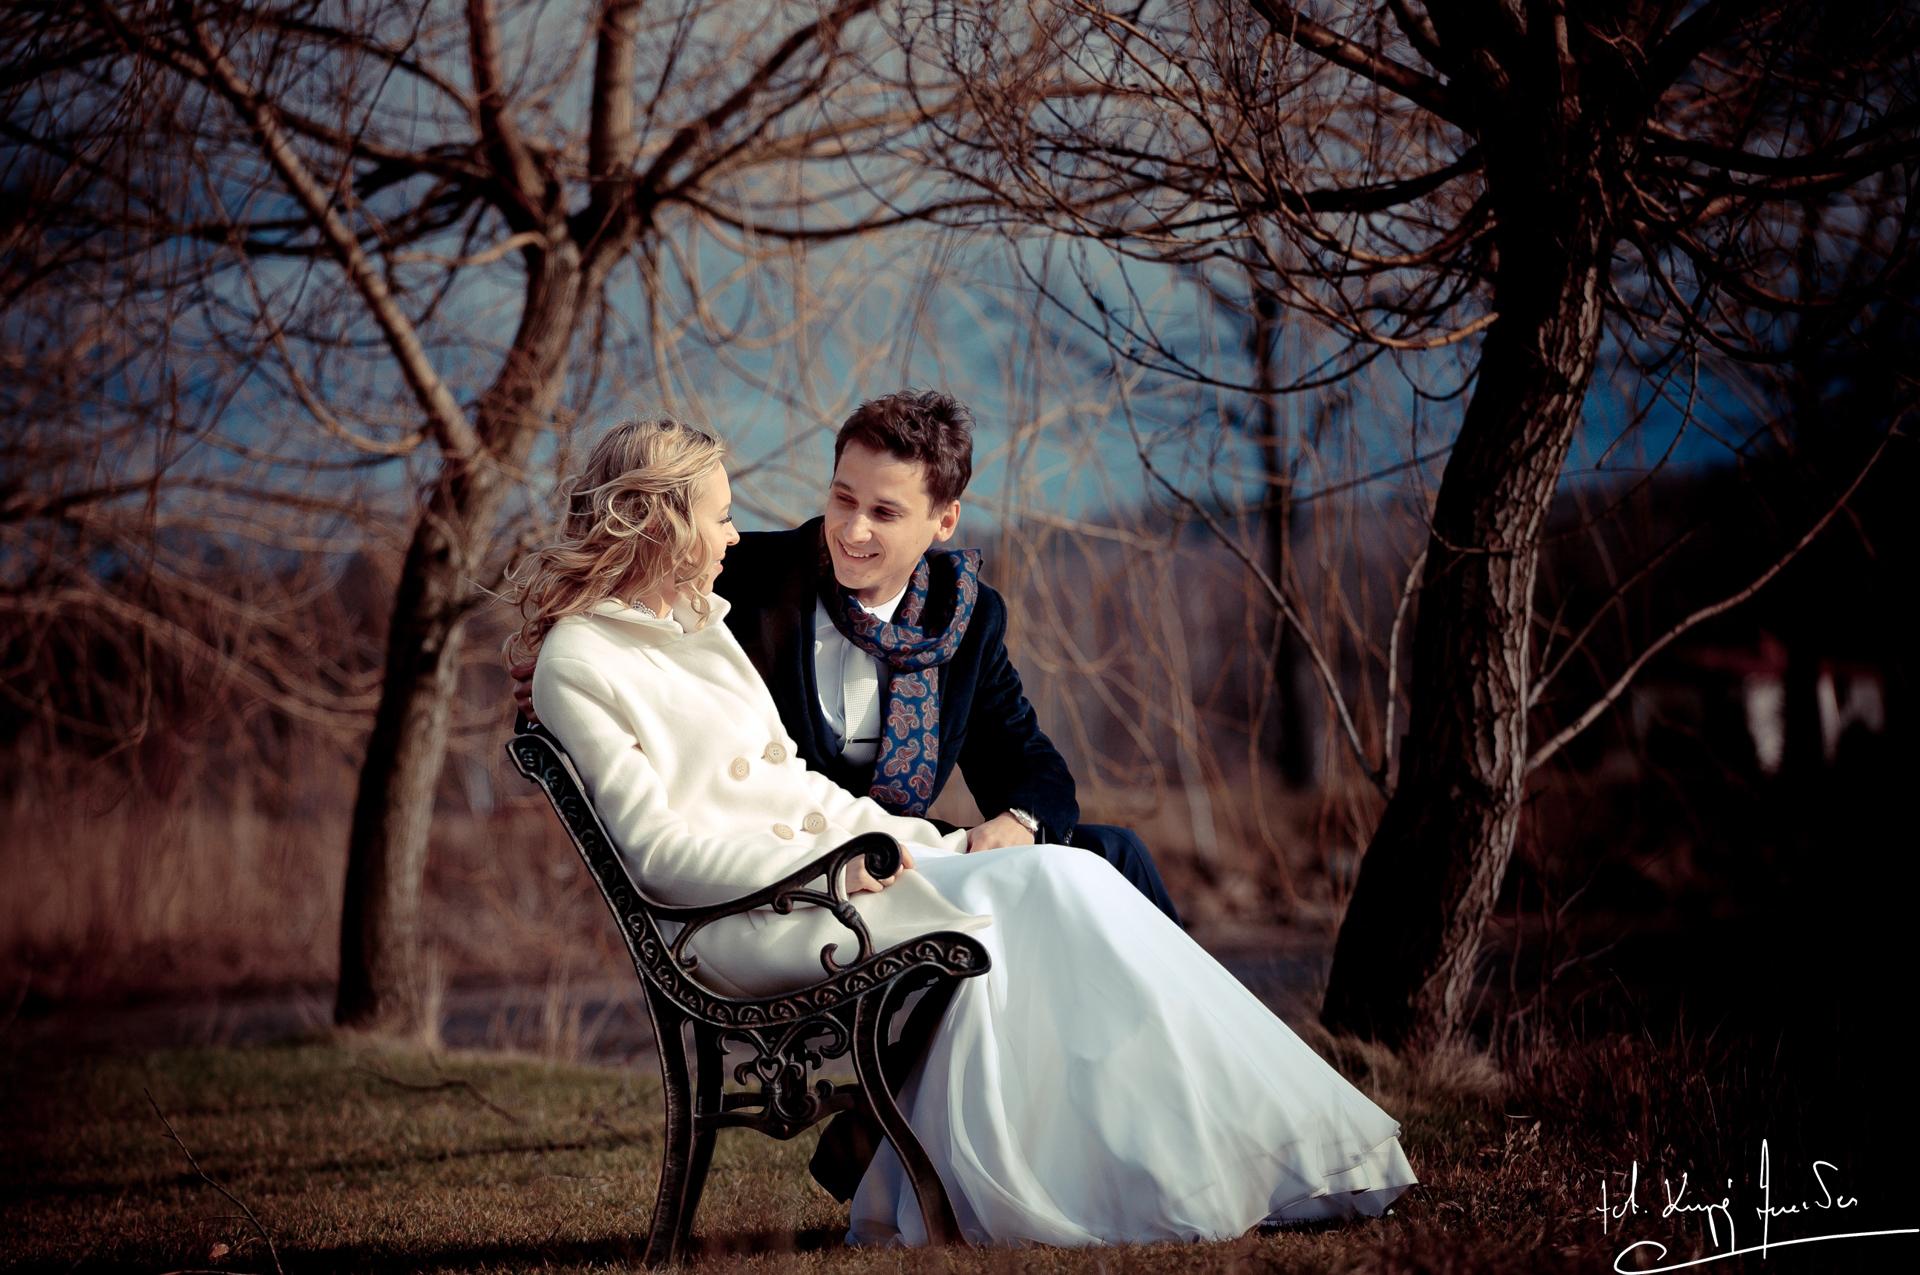 Ślub w jeleniej górze 7 Lutowy Plener z Eweliną i Mikołajem